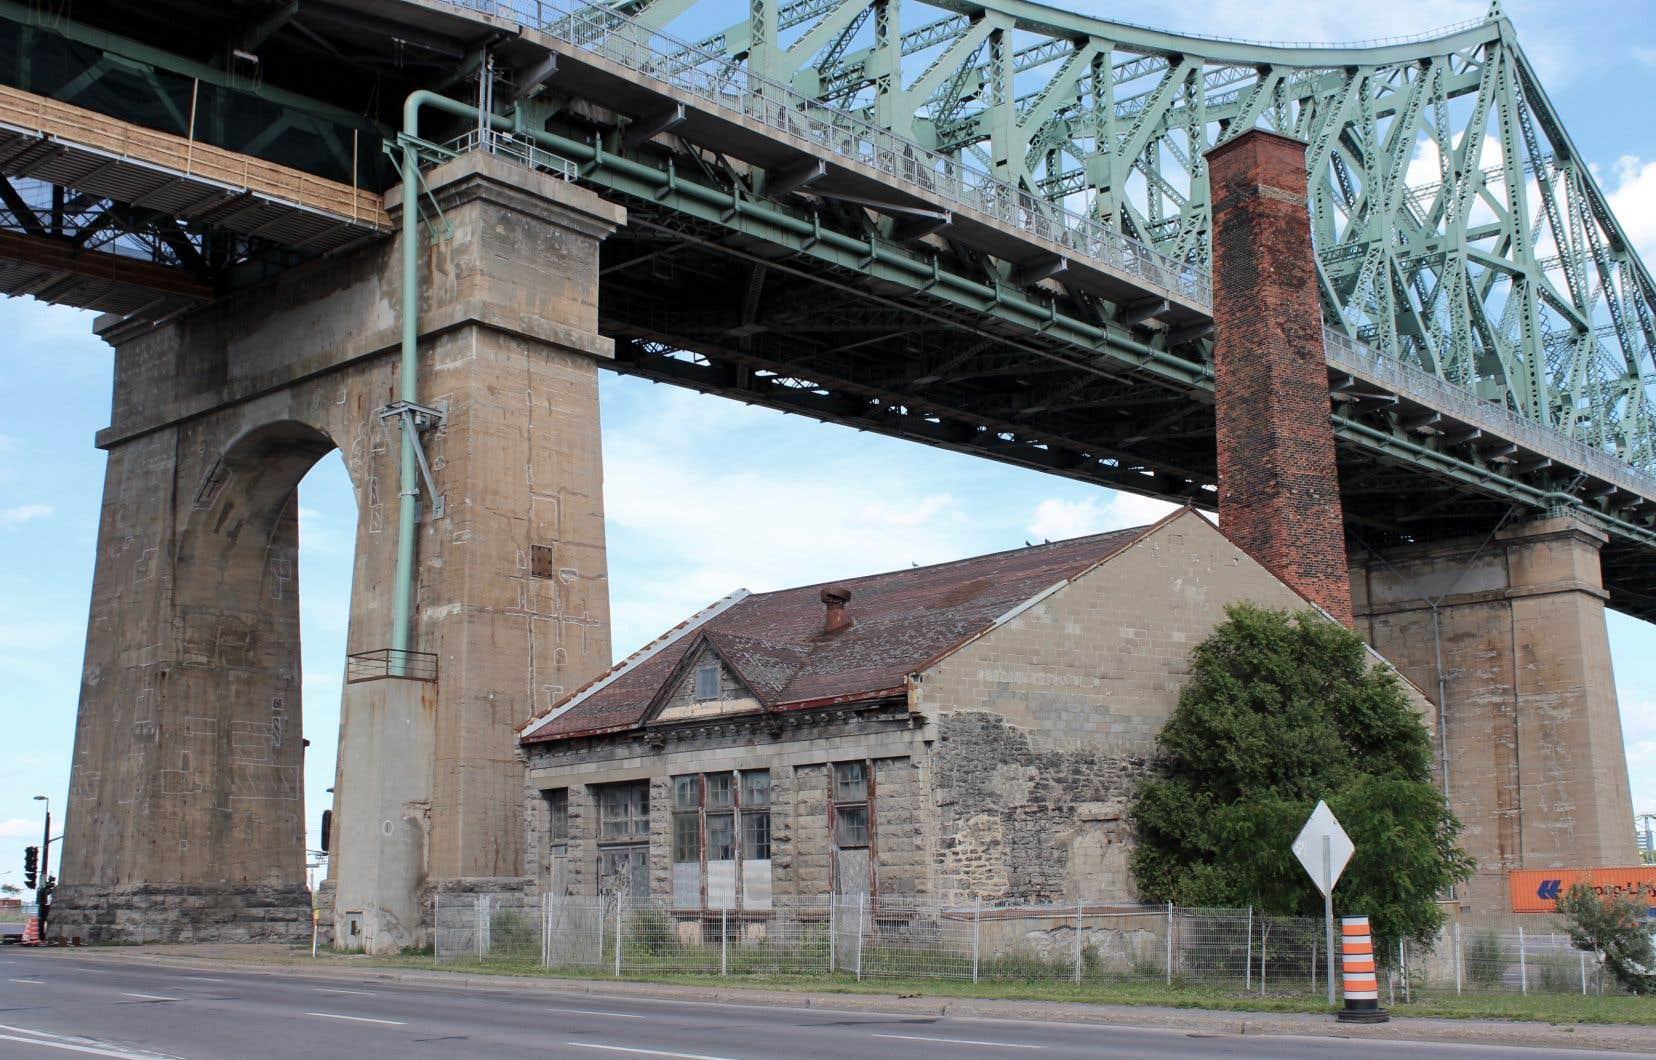 Construite en 1887 pour contrer la crue des eaux et protéger la ville des inondations, la station de pompage était inutilisée depuis trois décennies.